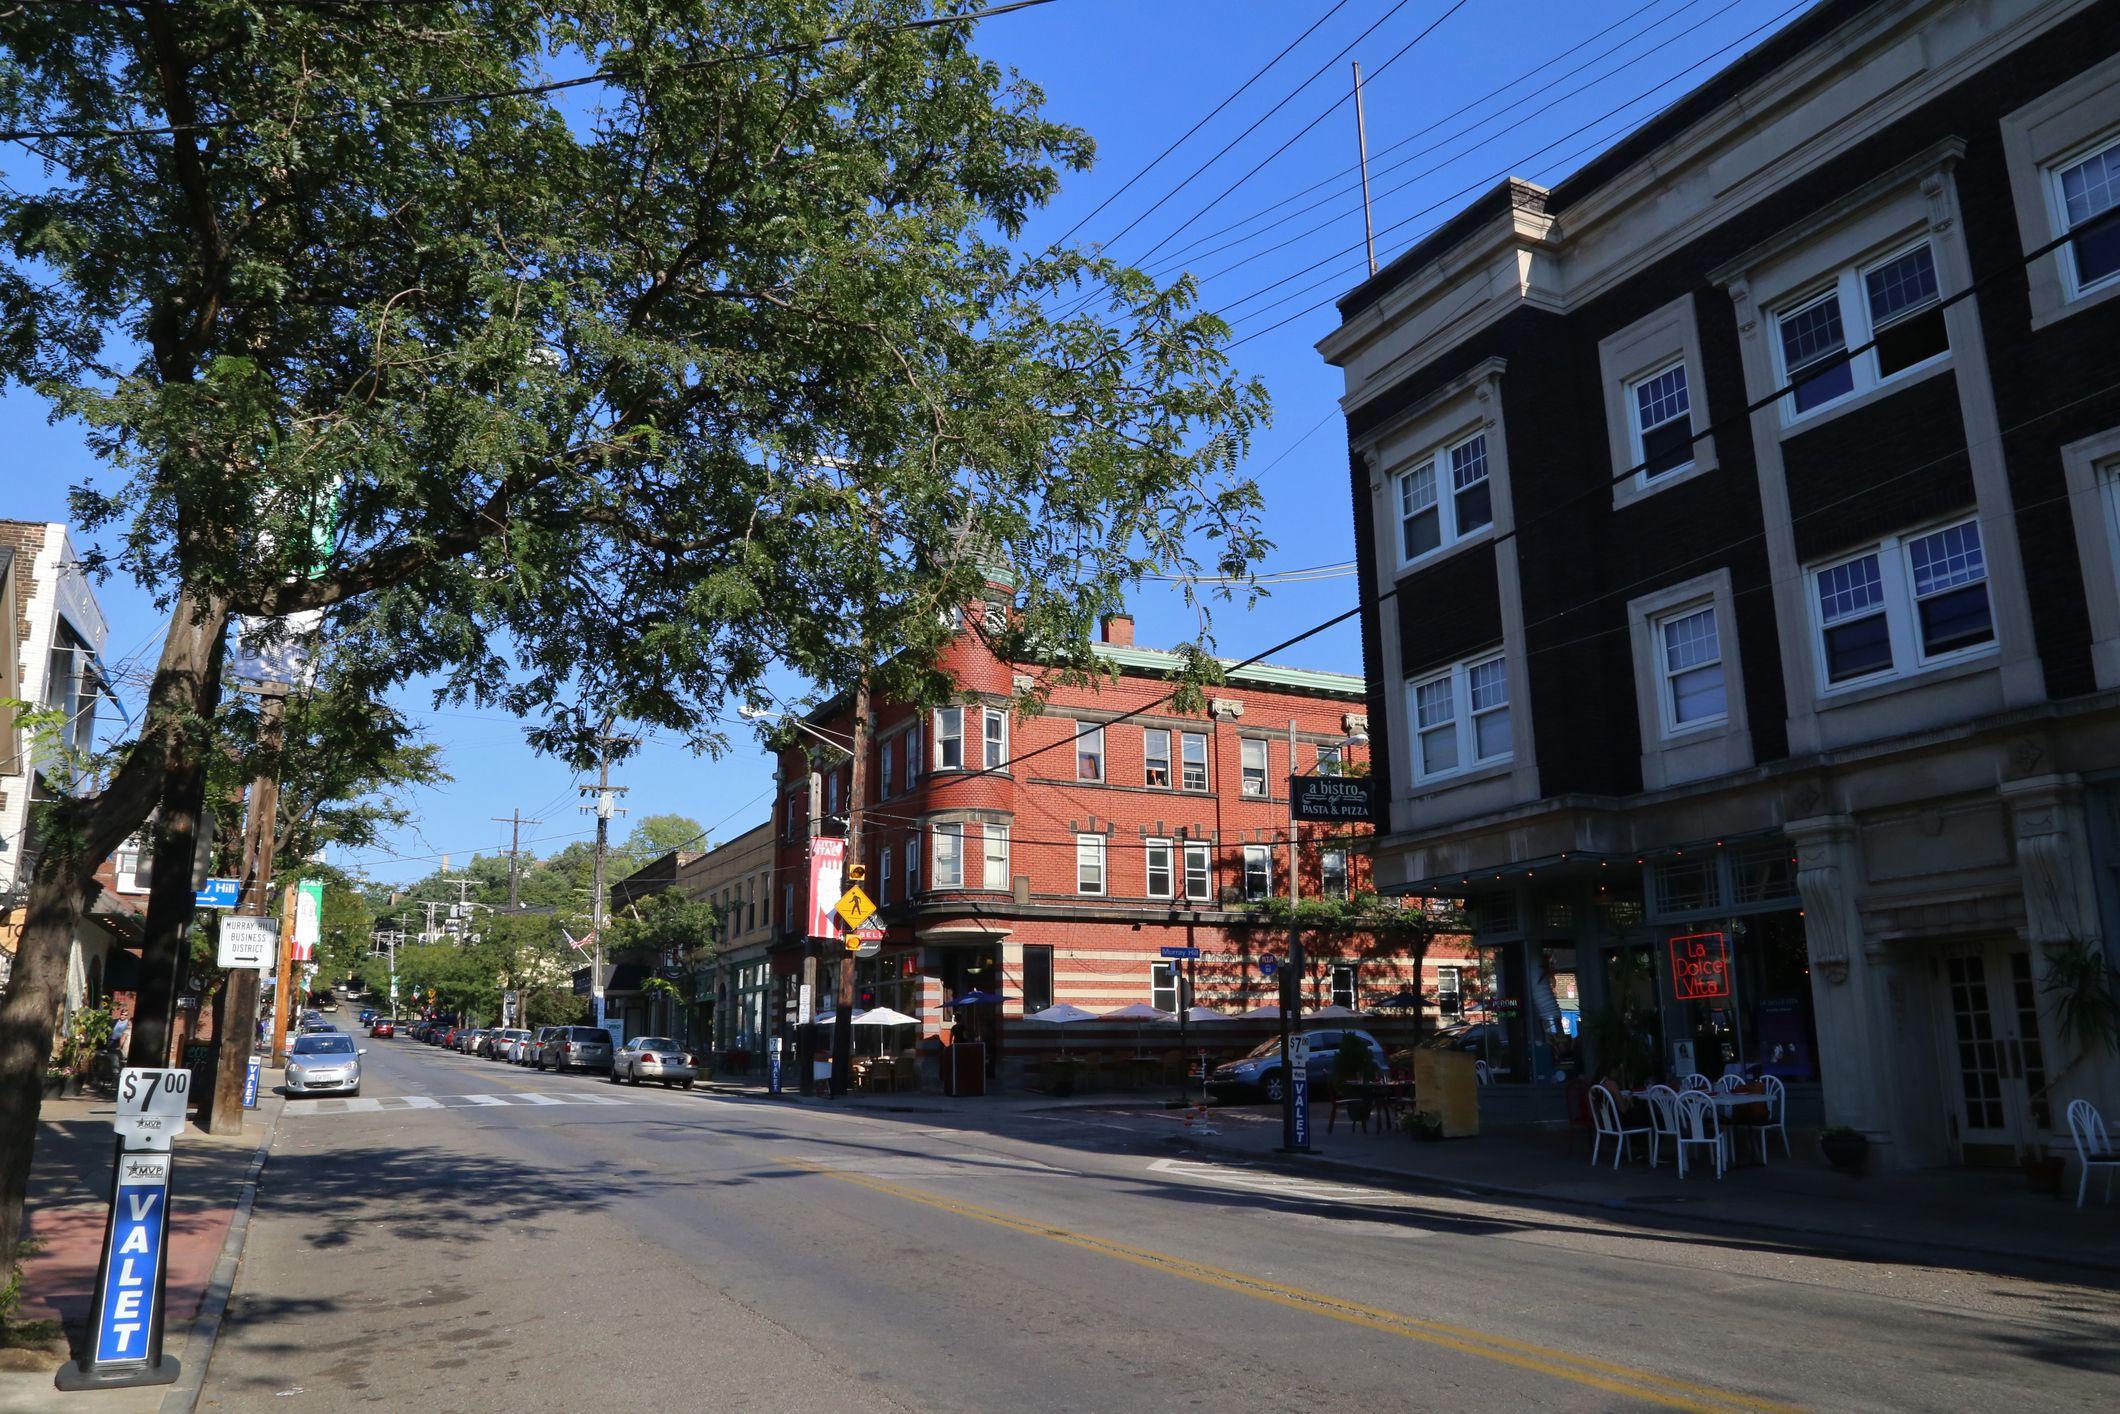 Barrio de estilo antiguo, Little Italy, Cleveland, Ohio, EE. UU.